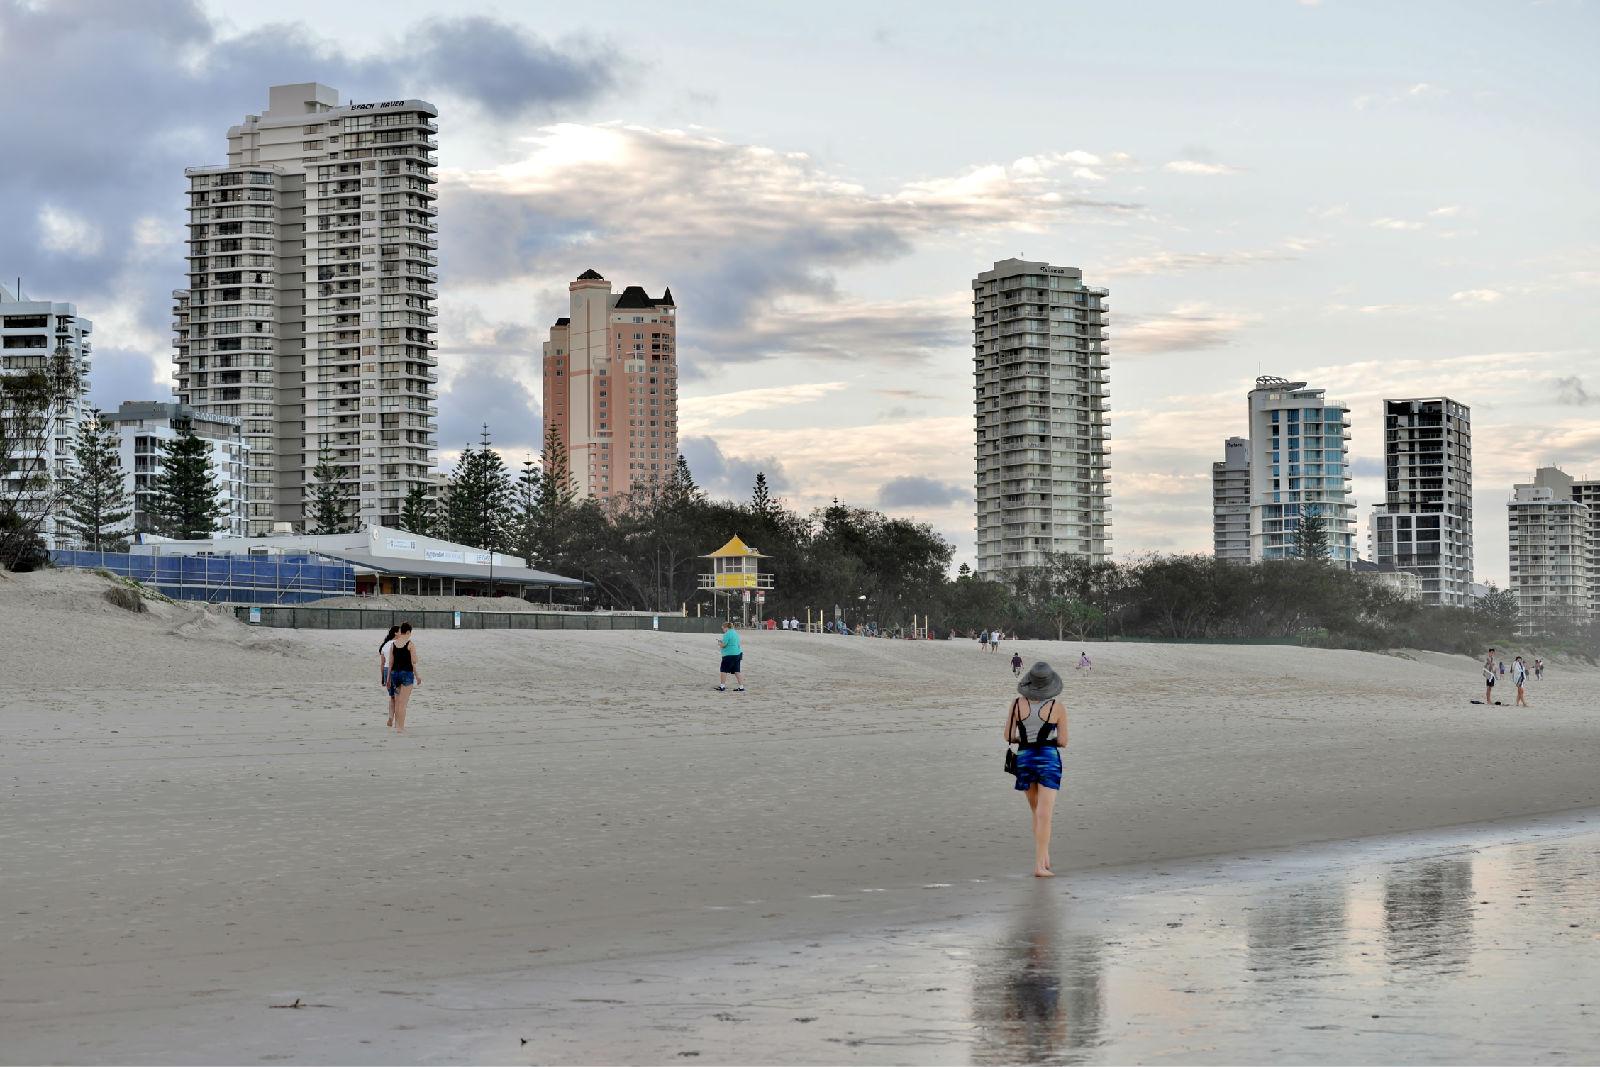 澳大利亚旅游攻略图片152